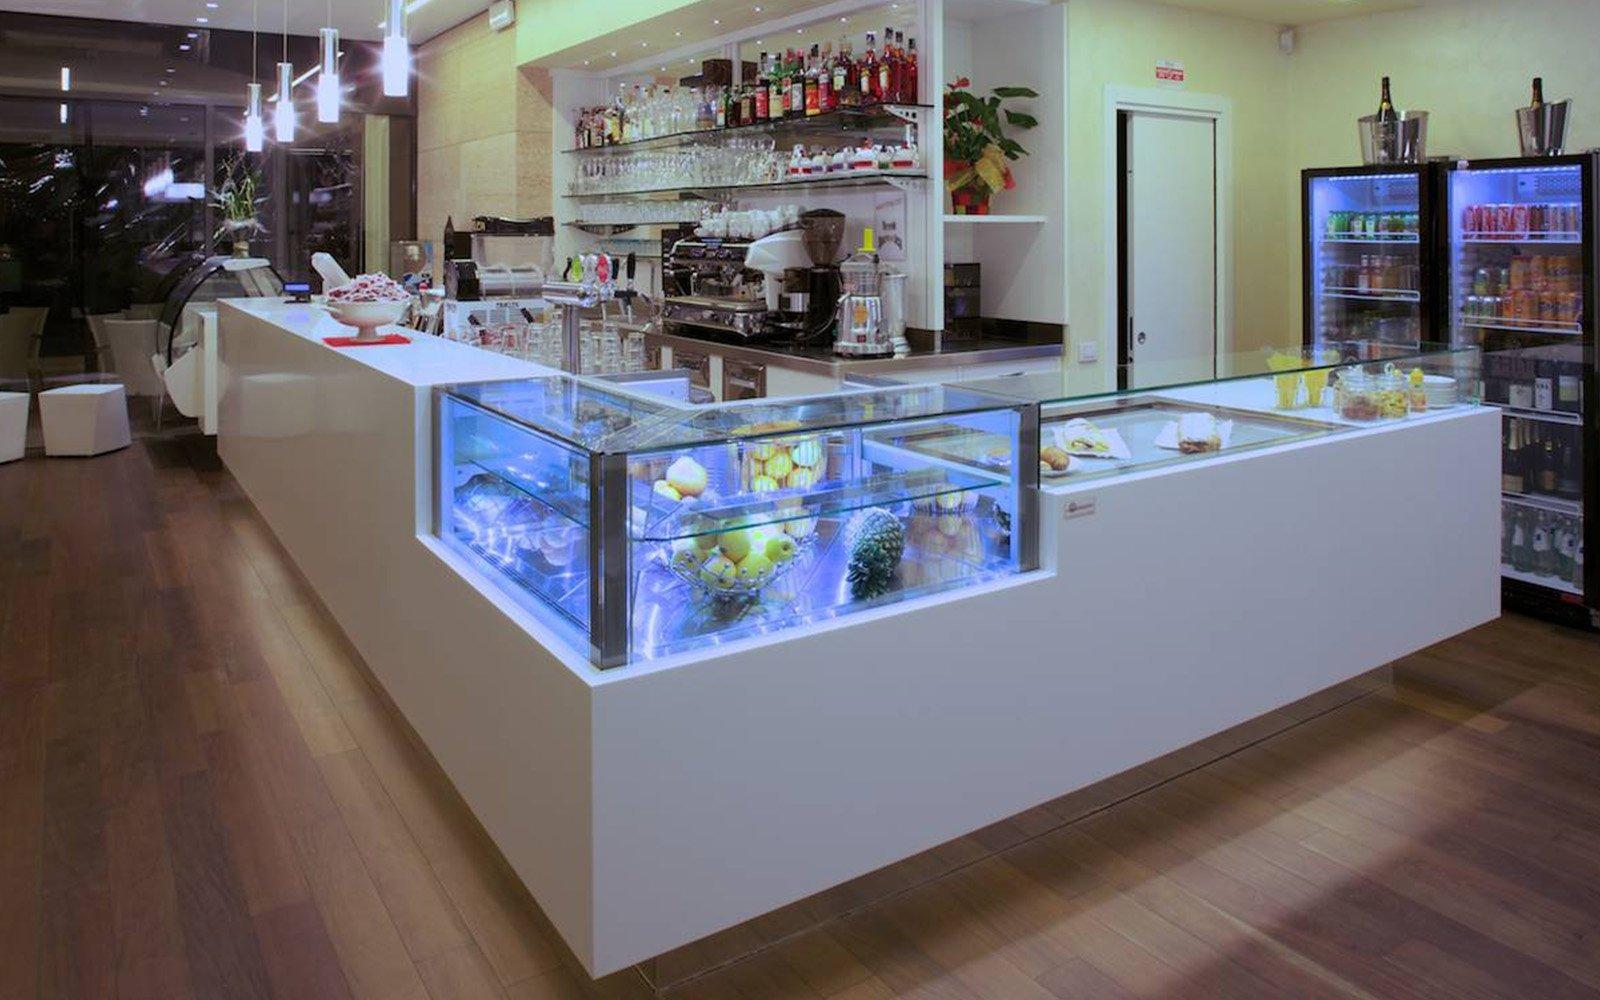 interno di un bar e vista del bancone con una vetrina e della frutta